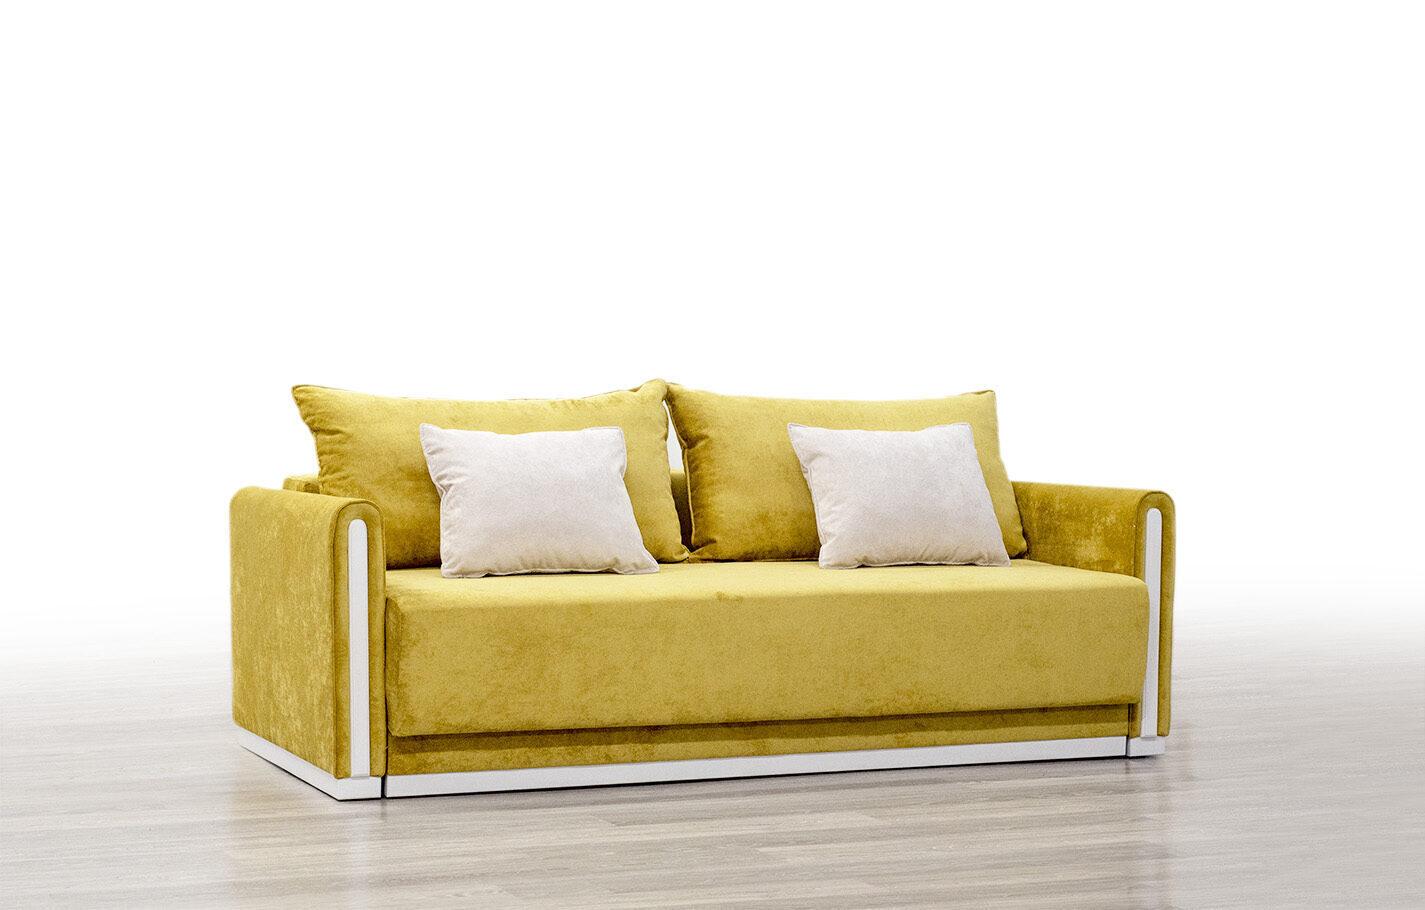 sofa_trend_5-e1608205865937